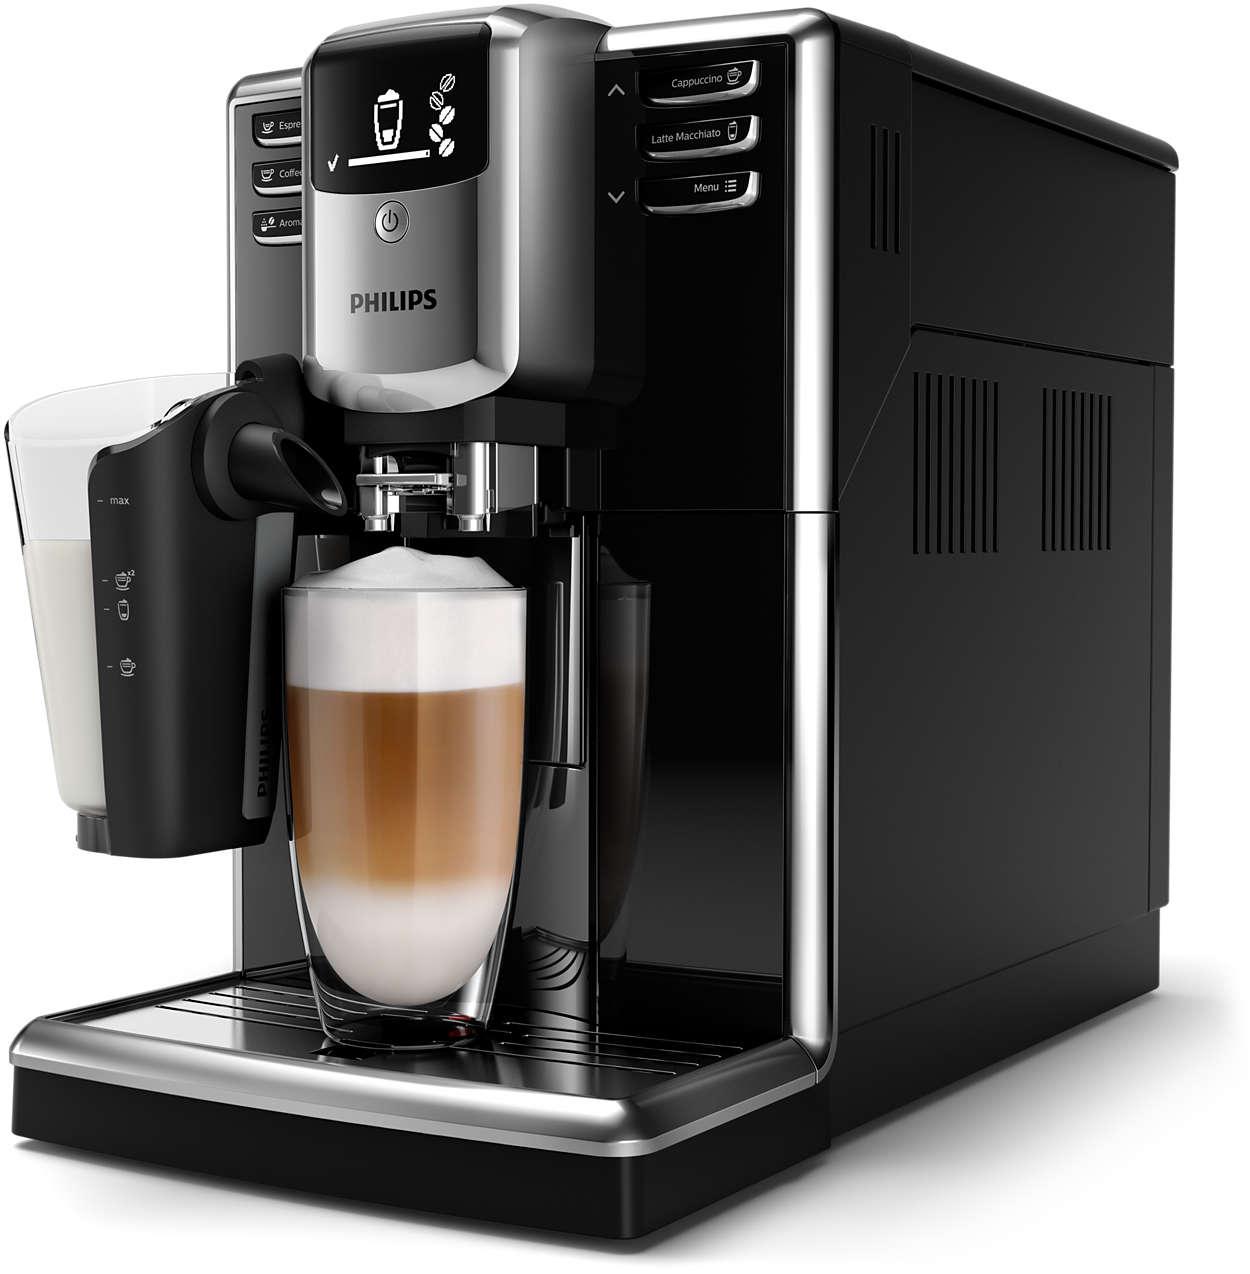 6 kávéváltozat friss kávészemekből – egyszerűen